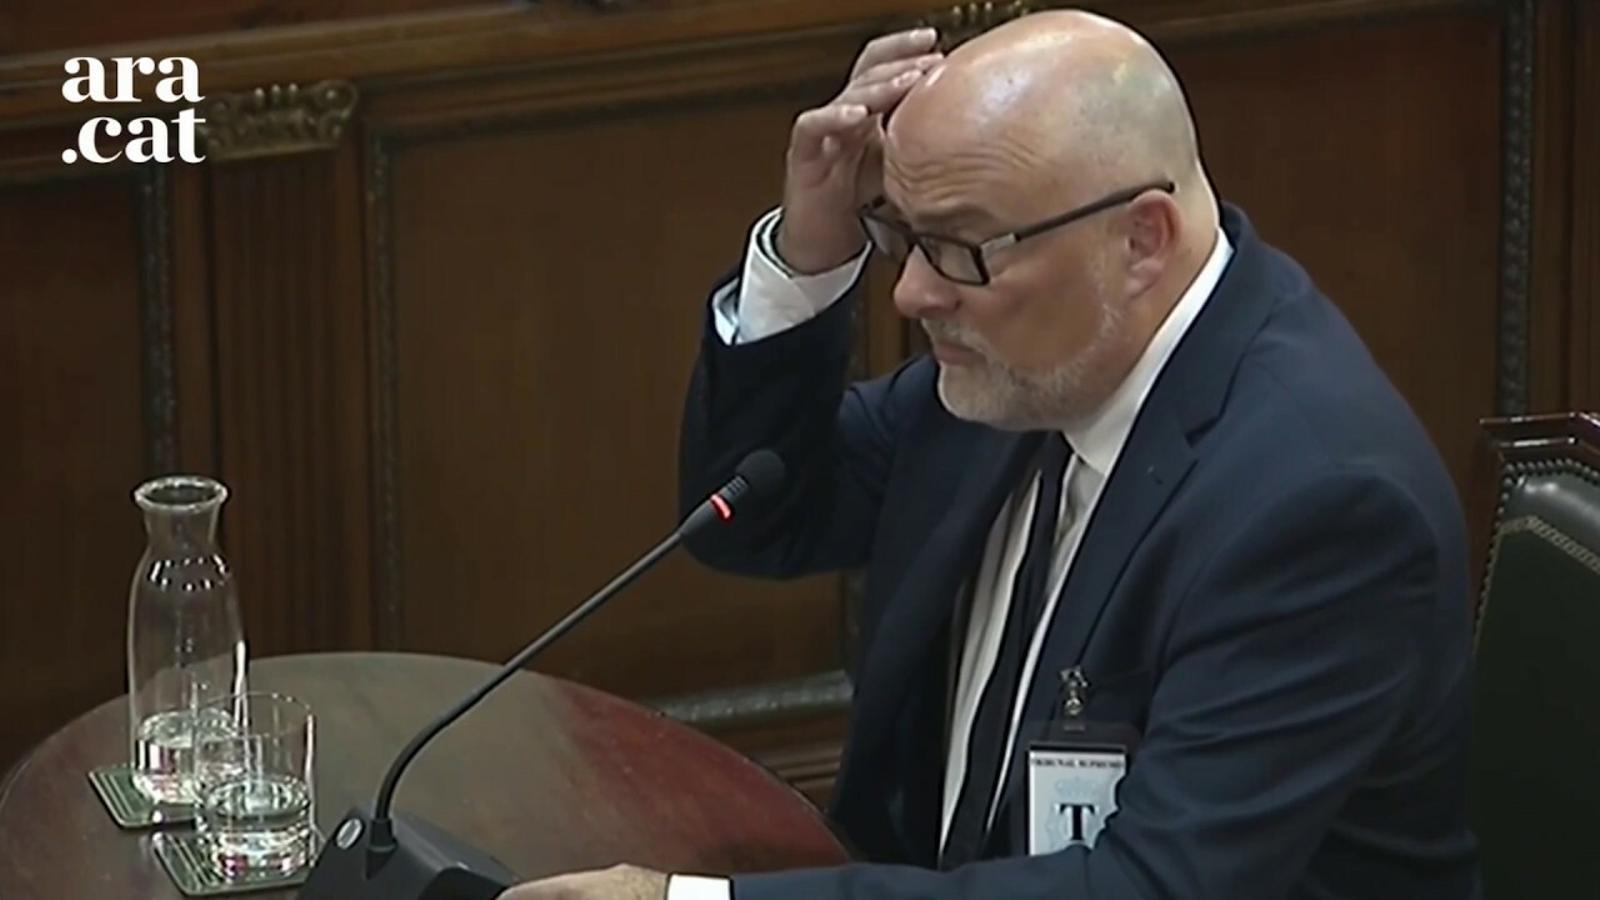 L'exvicepresident de la Mesa, Lluís Corominas, i l'exsecretaria, Anna Simó declaren al judici com a testimonis